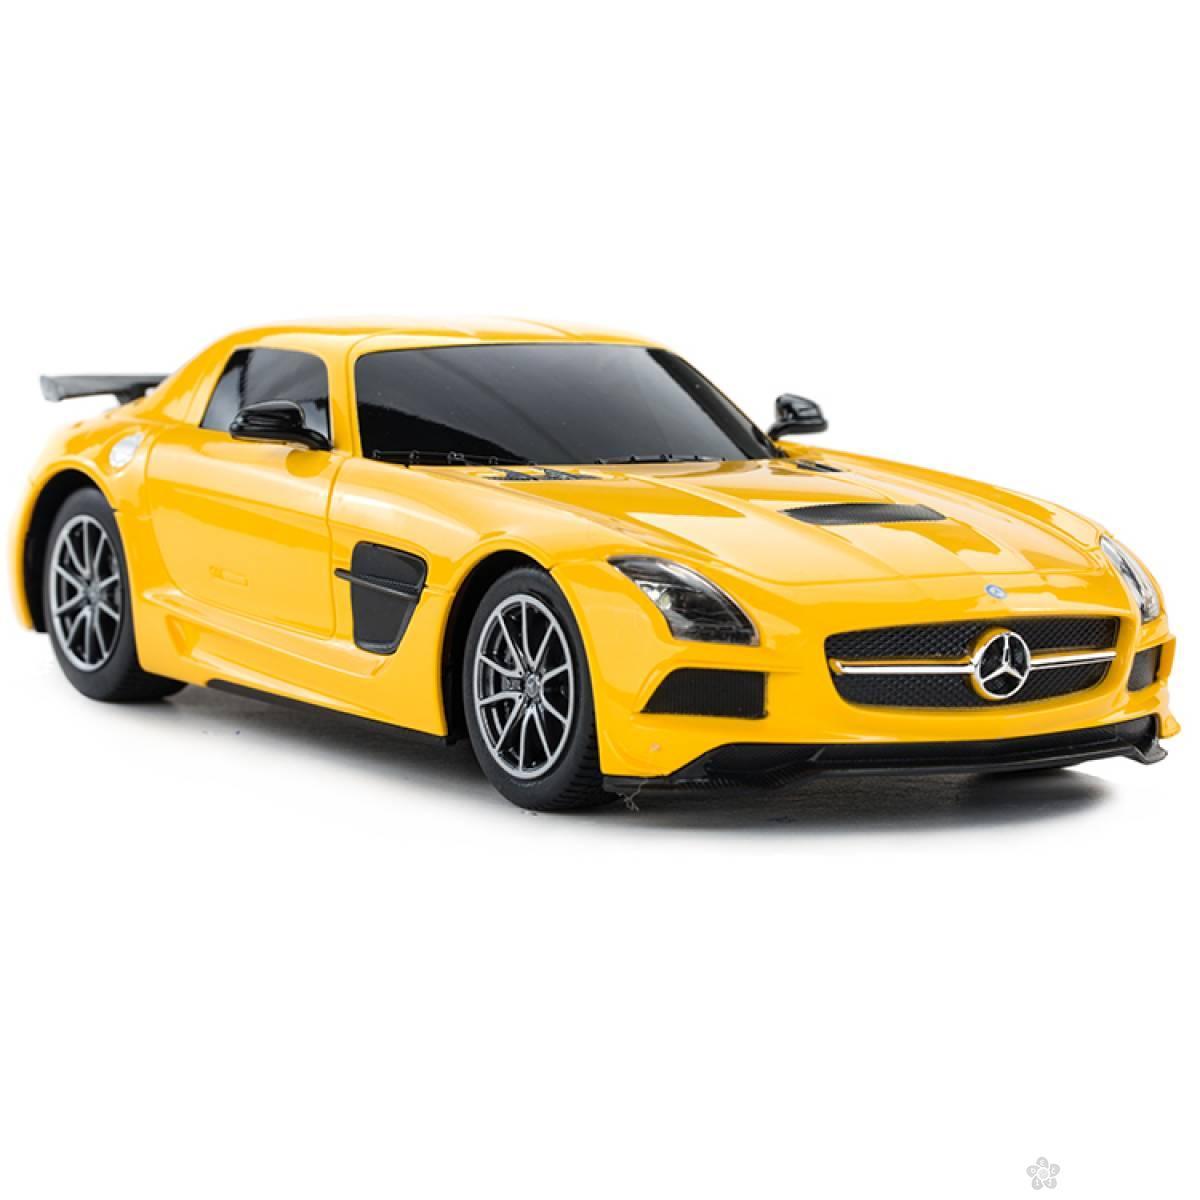 Auto R/C 1:18 Mercedes-Benz SLS AMG 54100